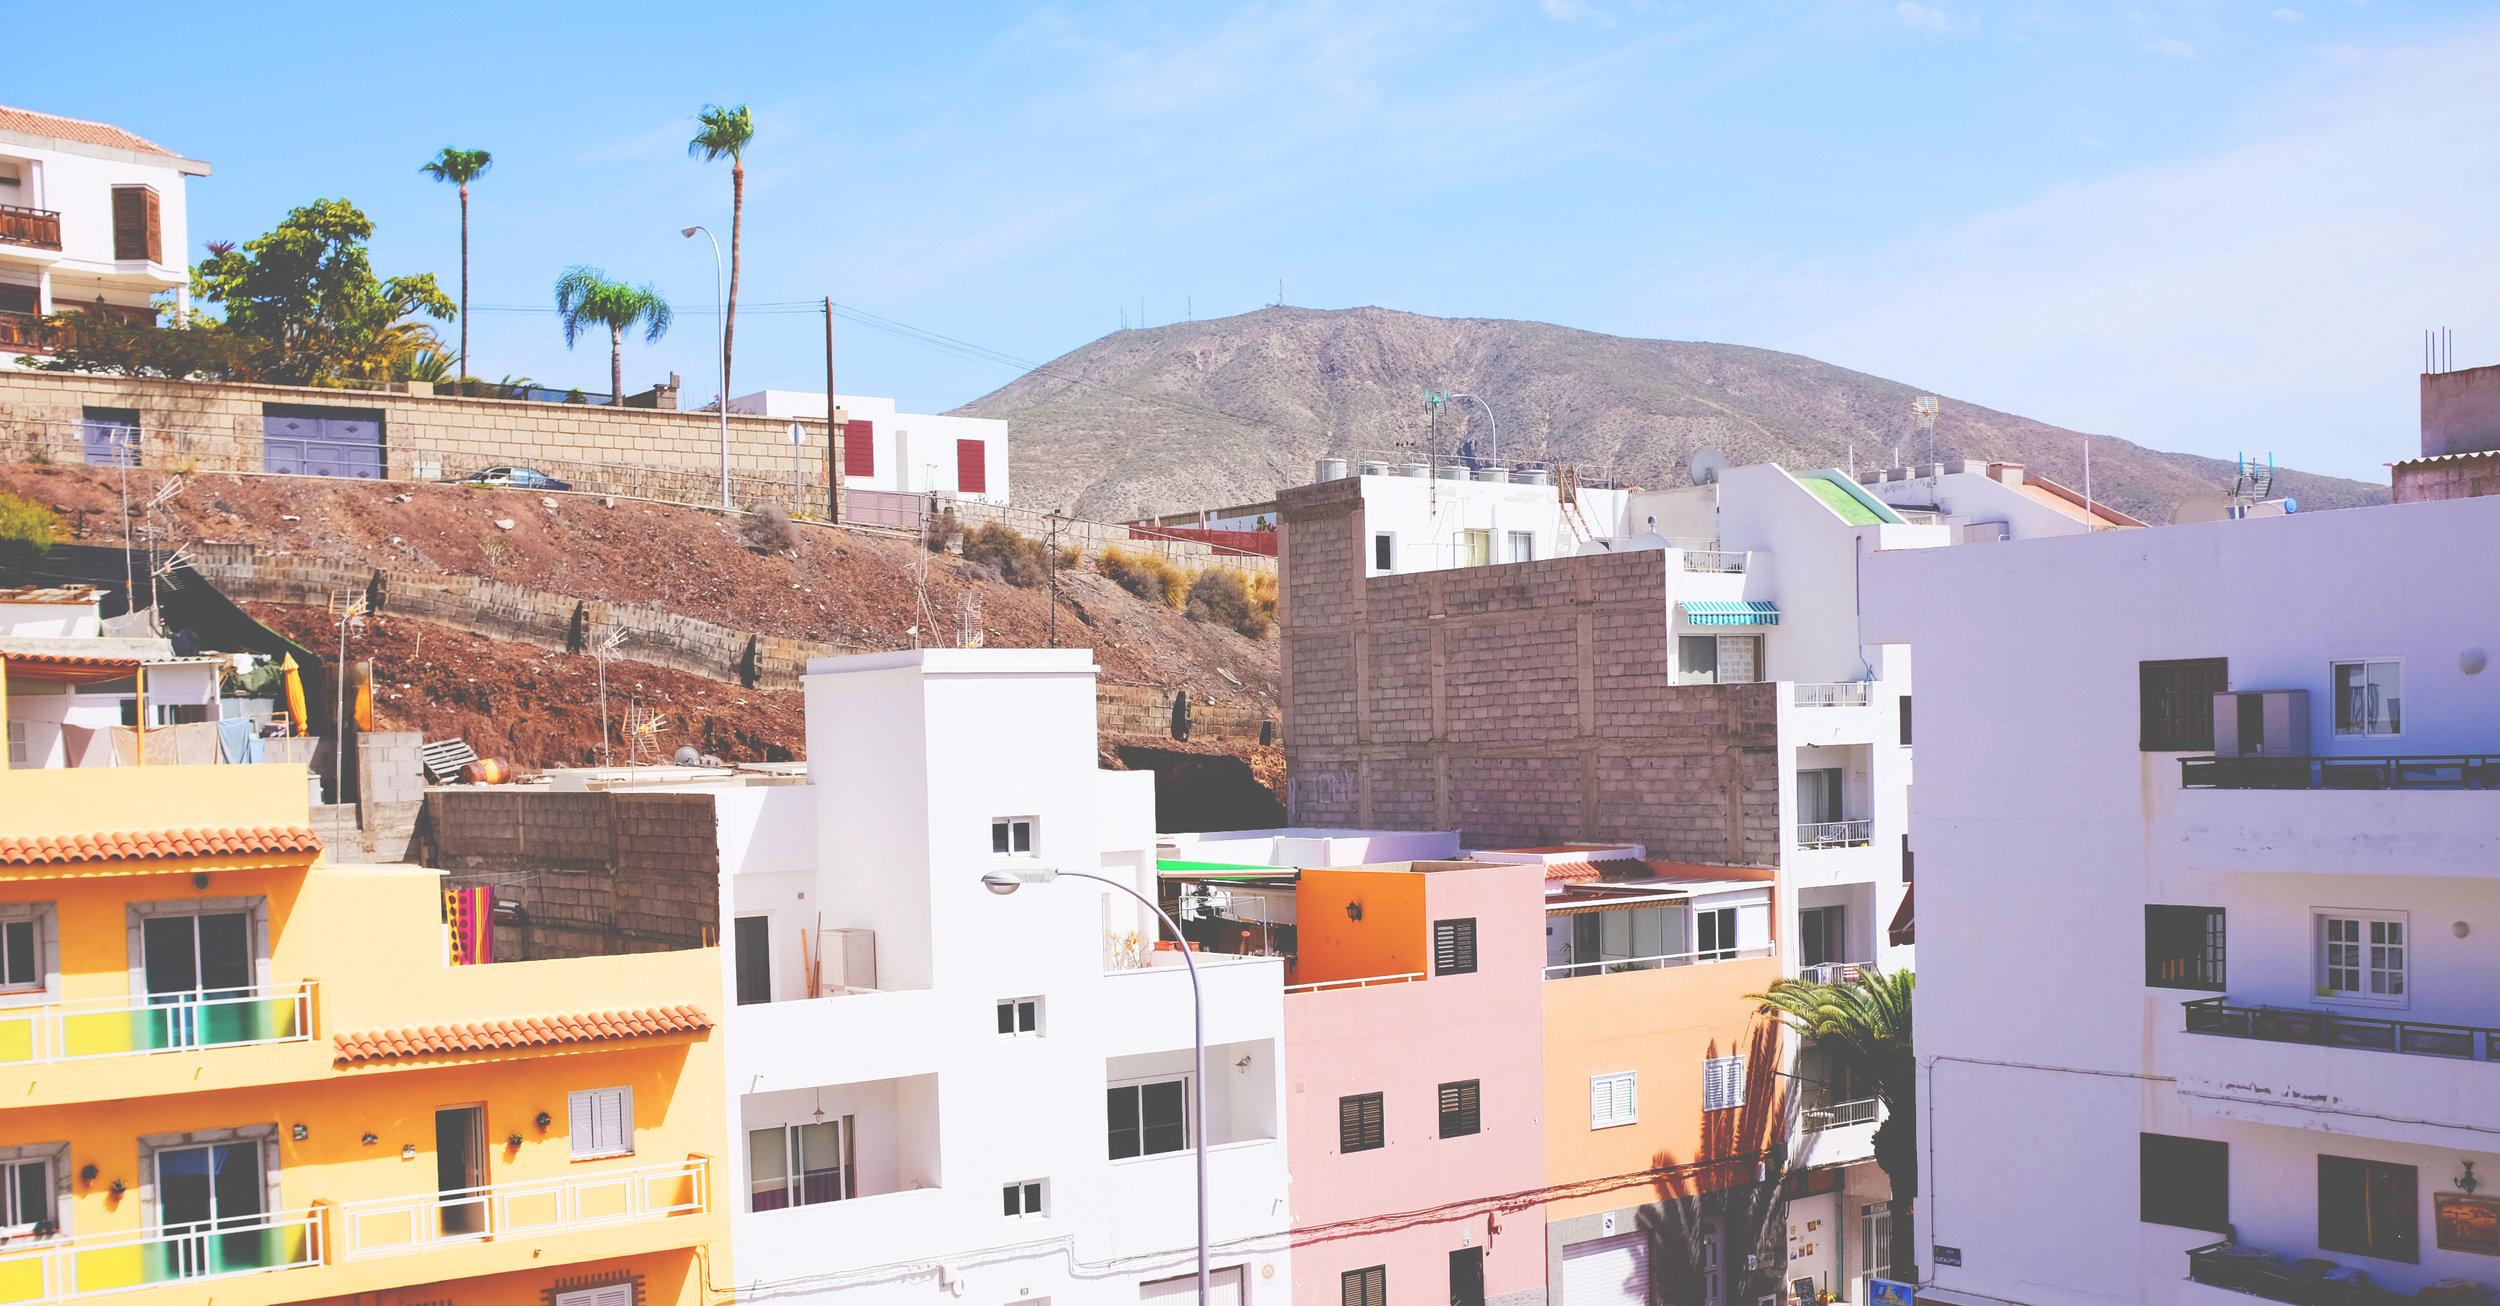 Tenerife Los Cristianos homes